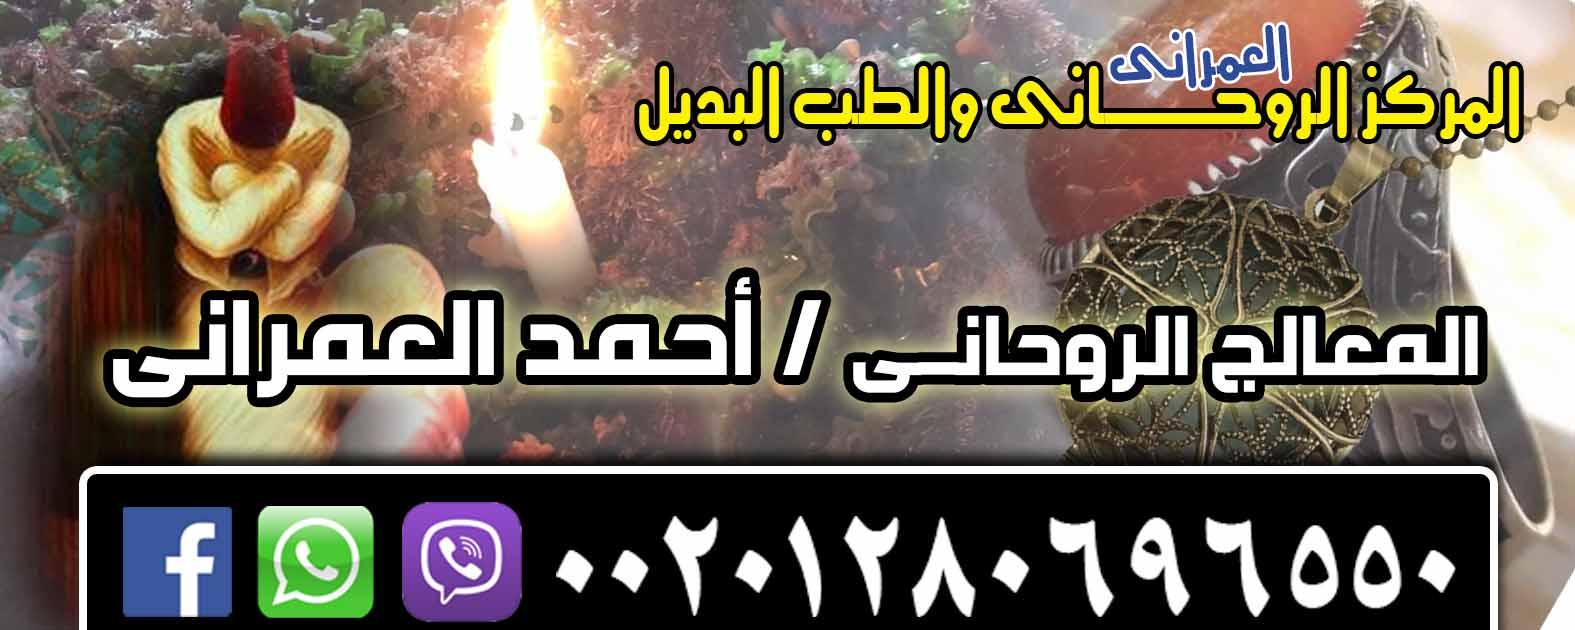 روحاني سفلي00201280696550 154375633.jpg